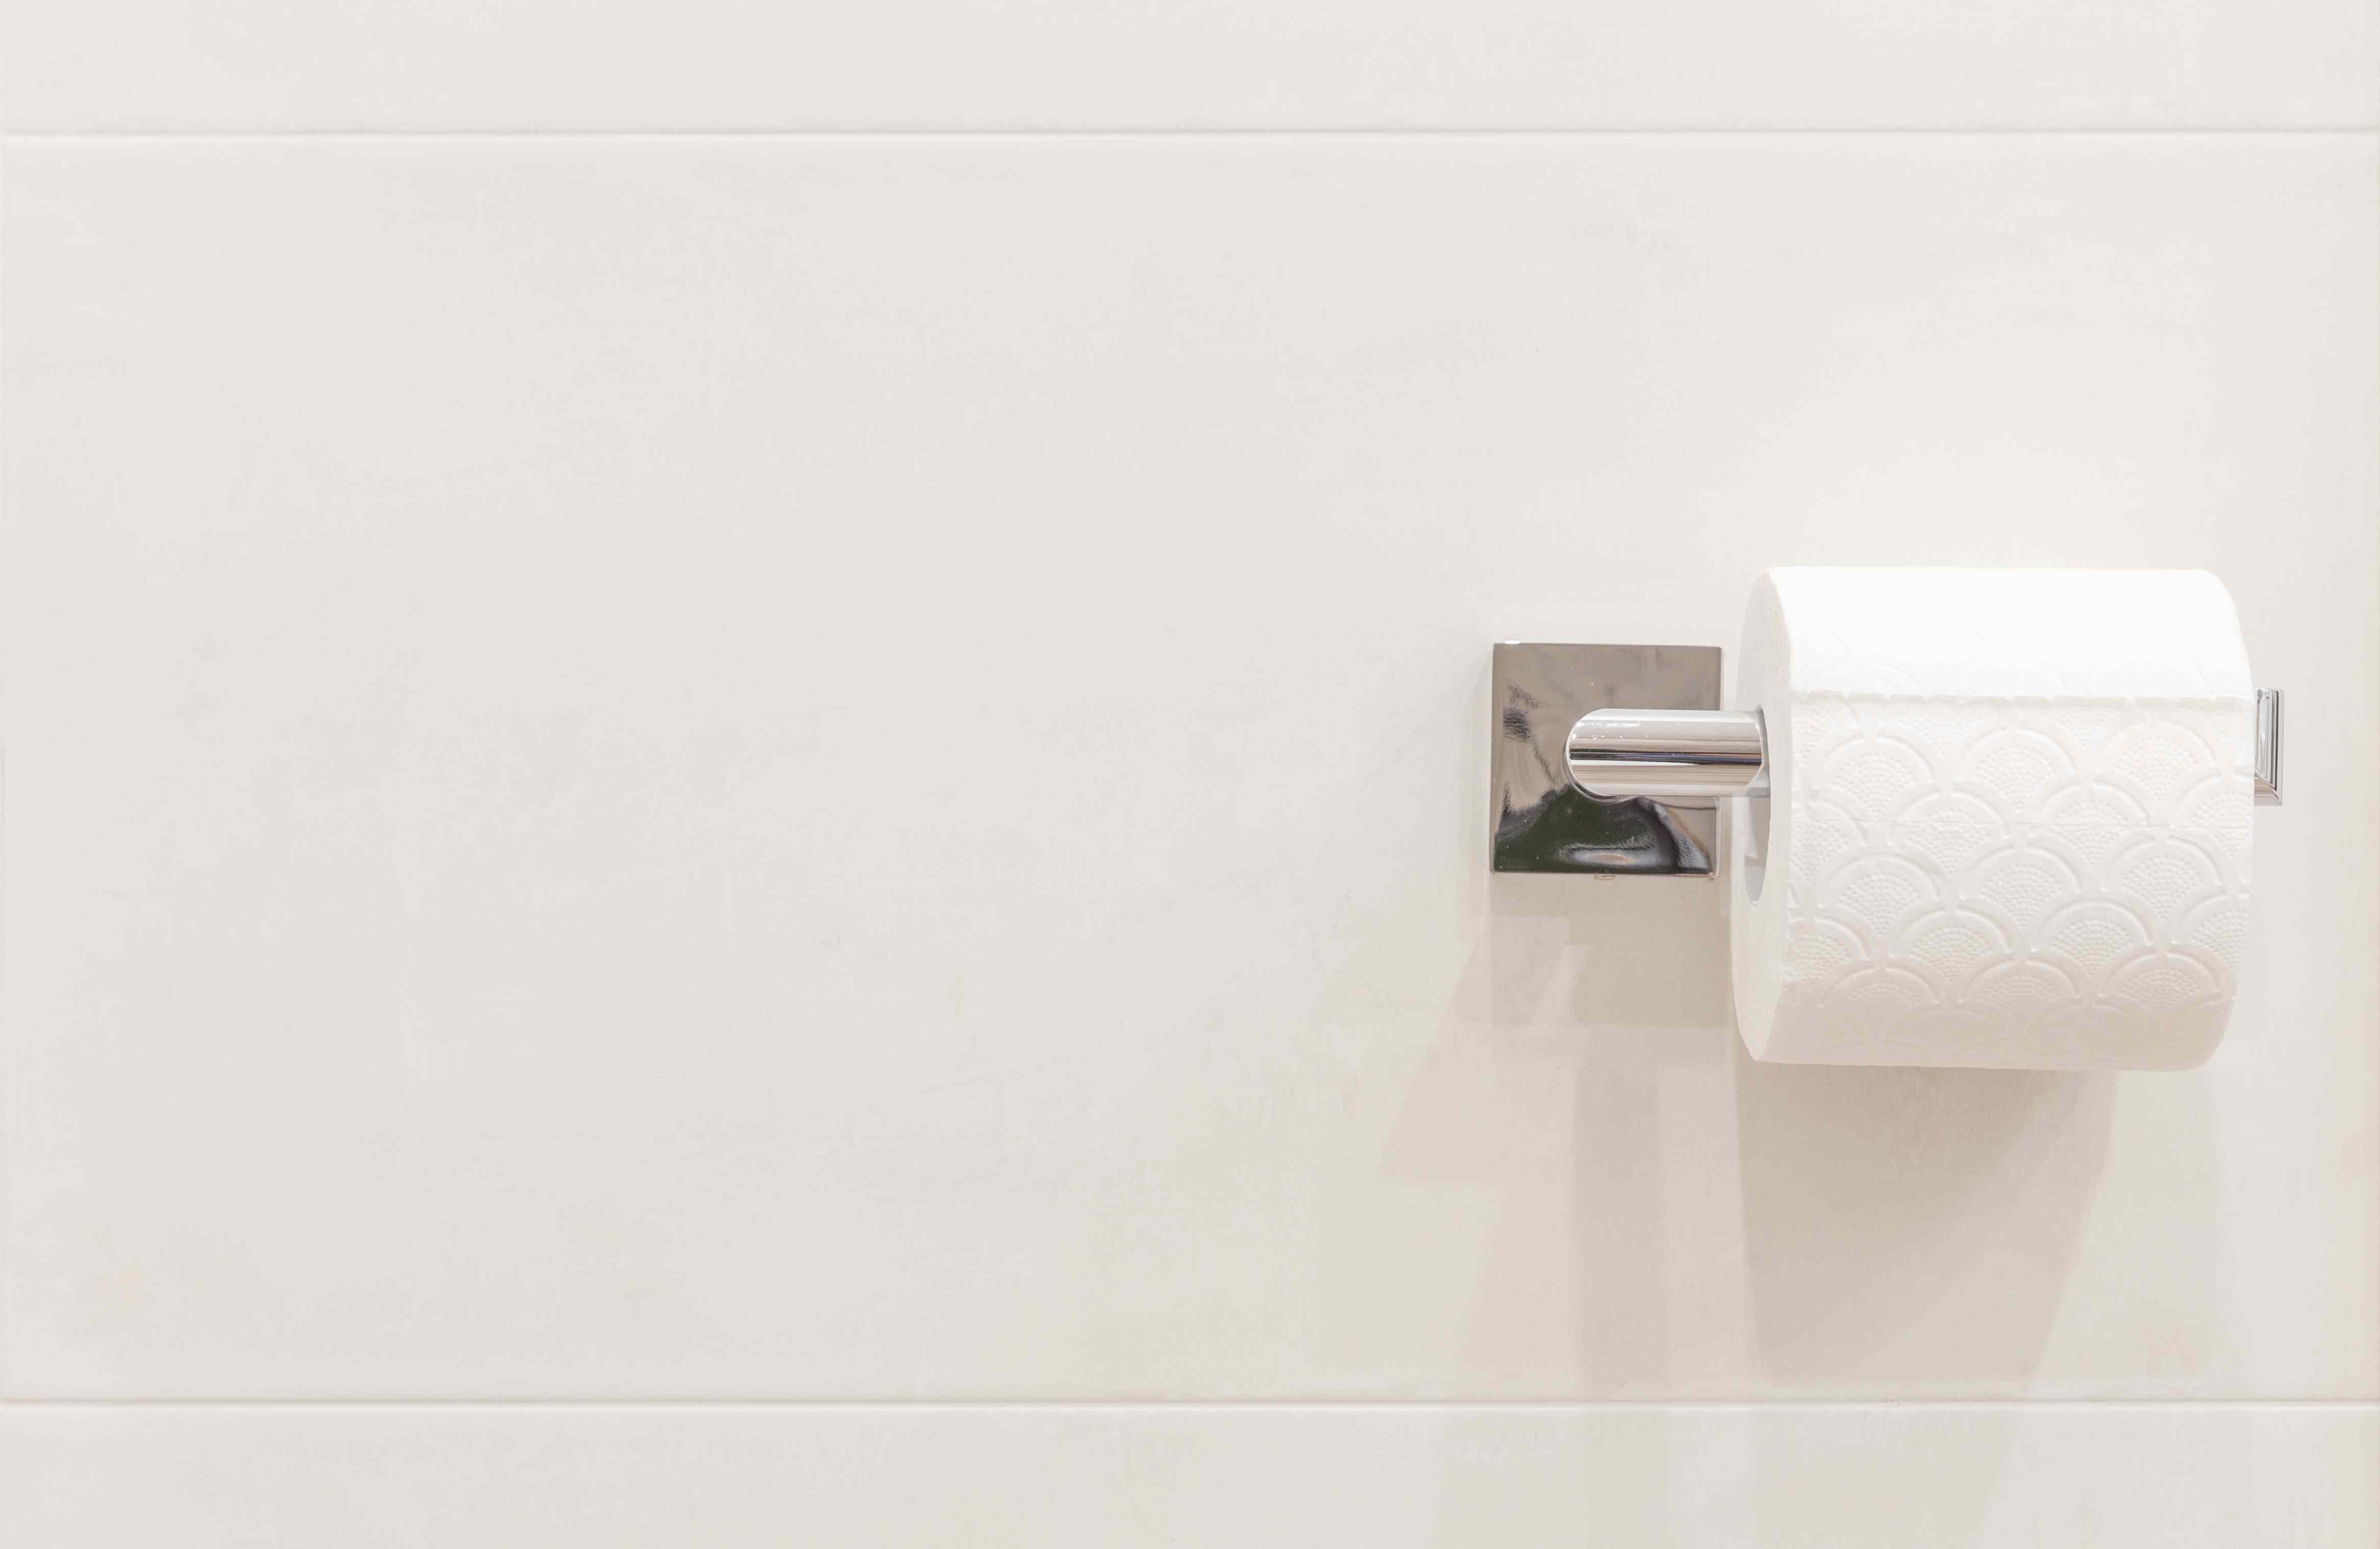 Rollo de papel higiénico con algo de espacio de copia